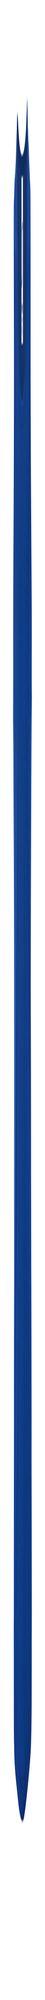 Майка мужская SPORTY TT MEN, ярко-синяя